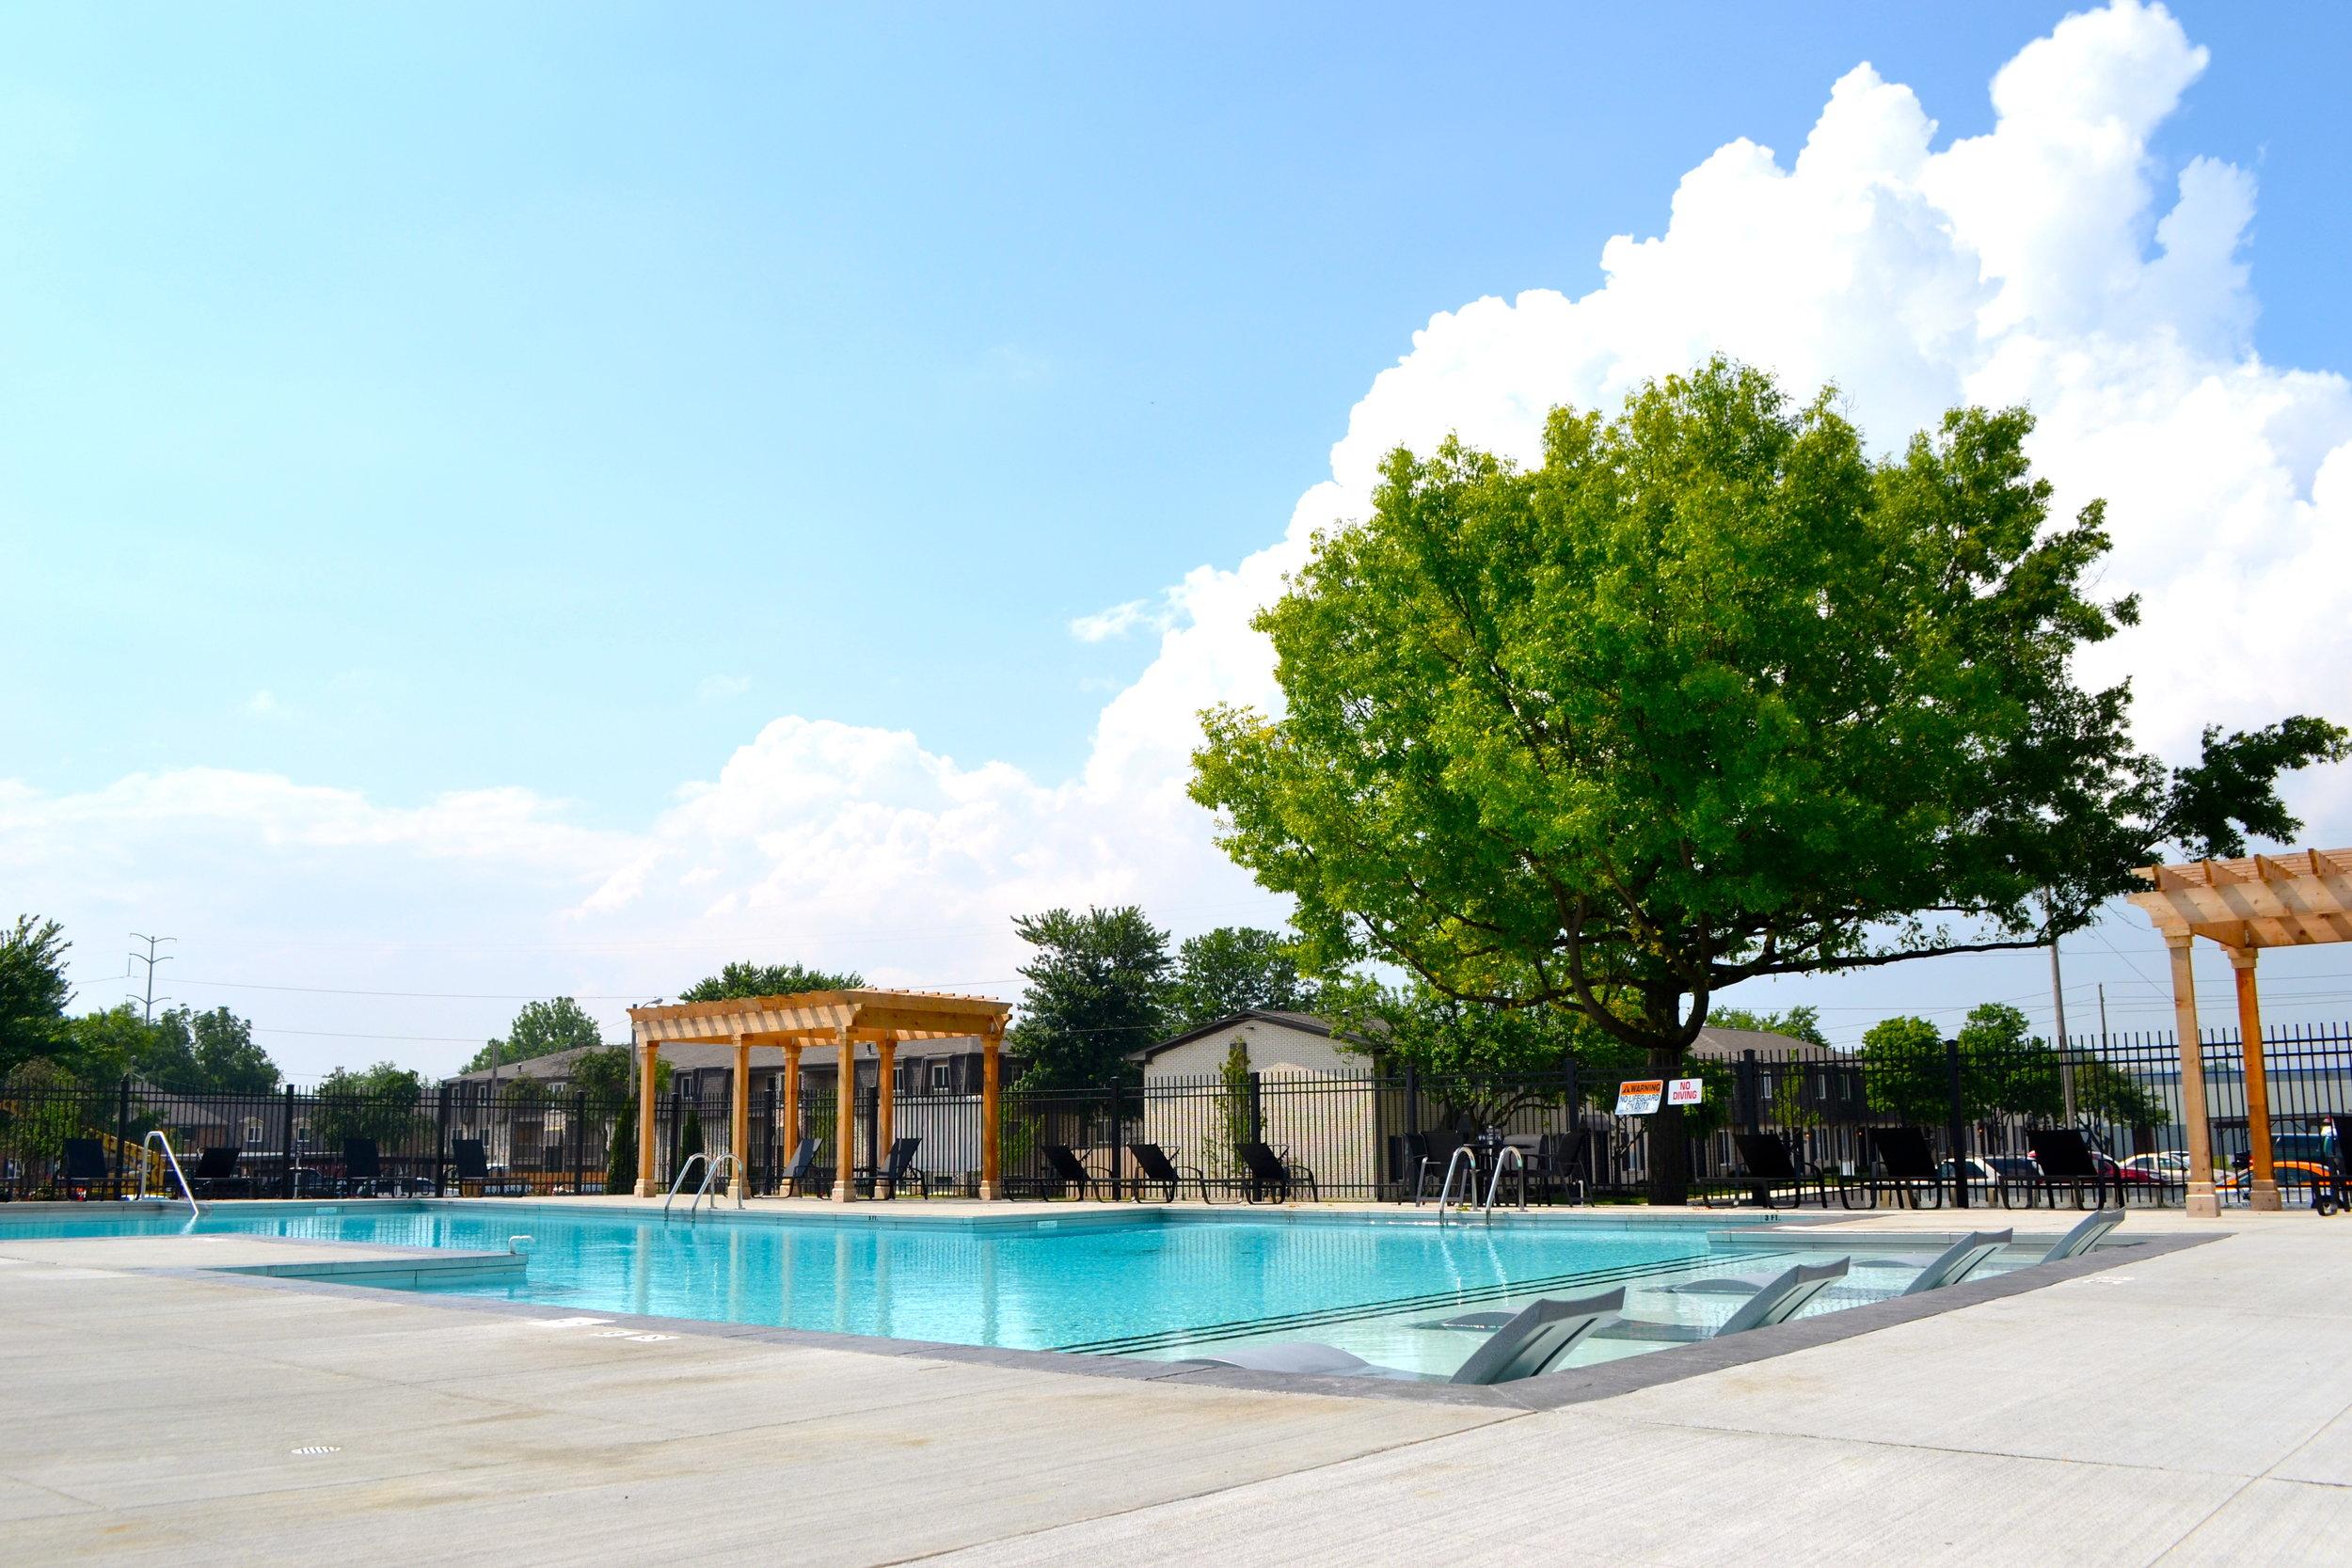 Westminster Pool